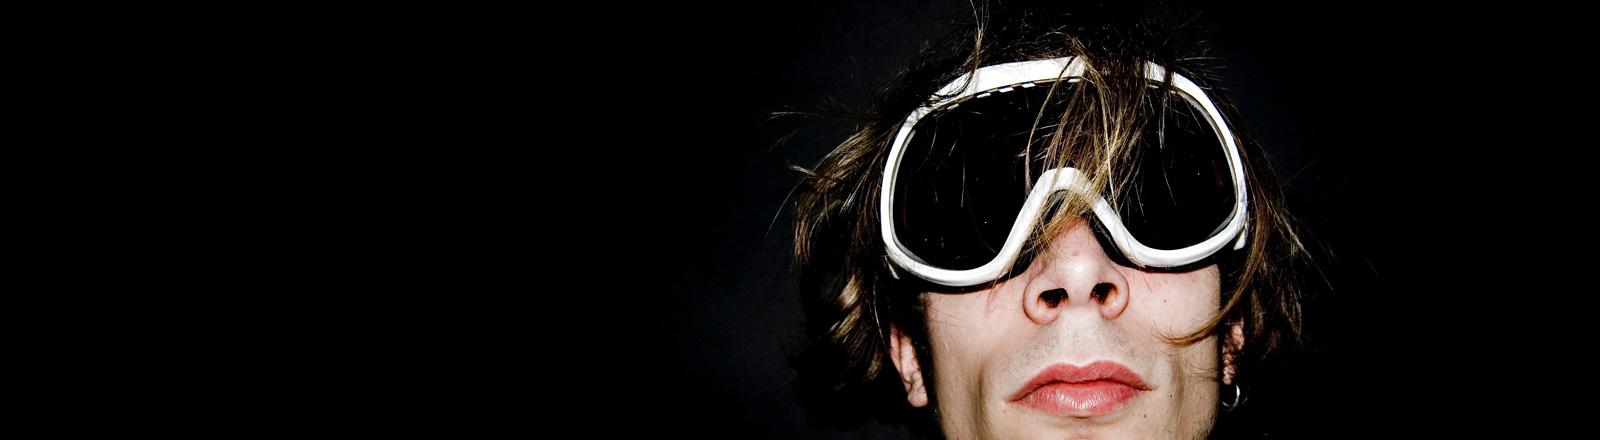 Ein Mann trägt eine schwarze Skibrille. Nur sein Kopf ist zu sehen, der Bildhintergrund ist schwarz.